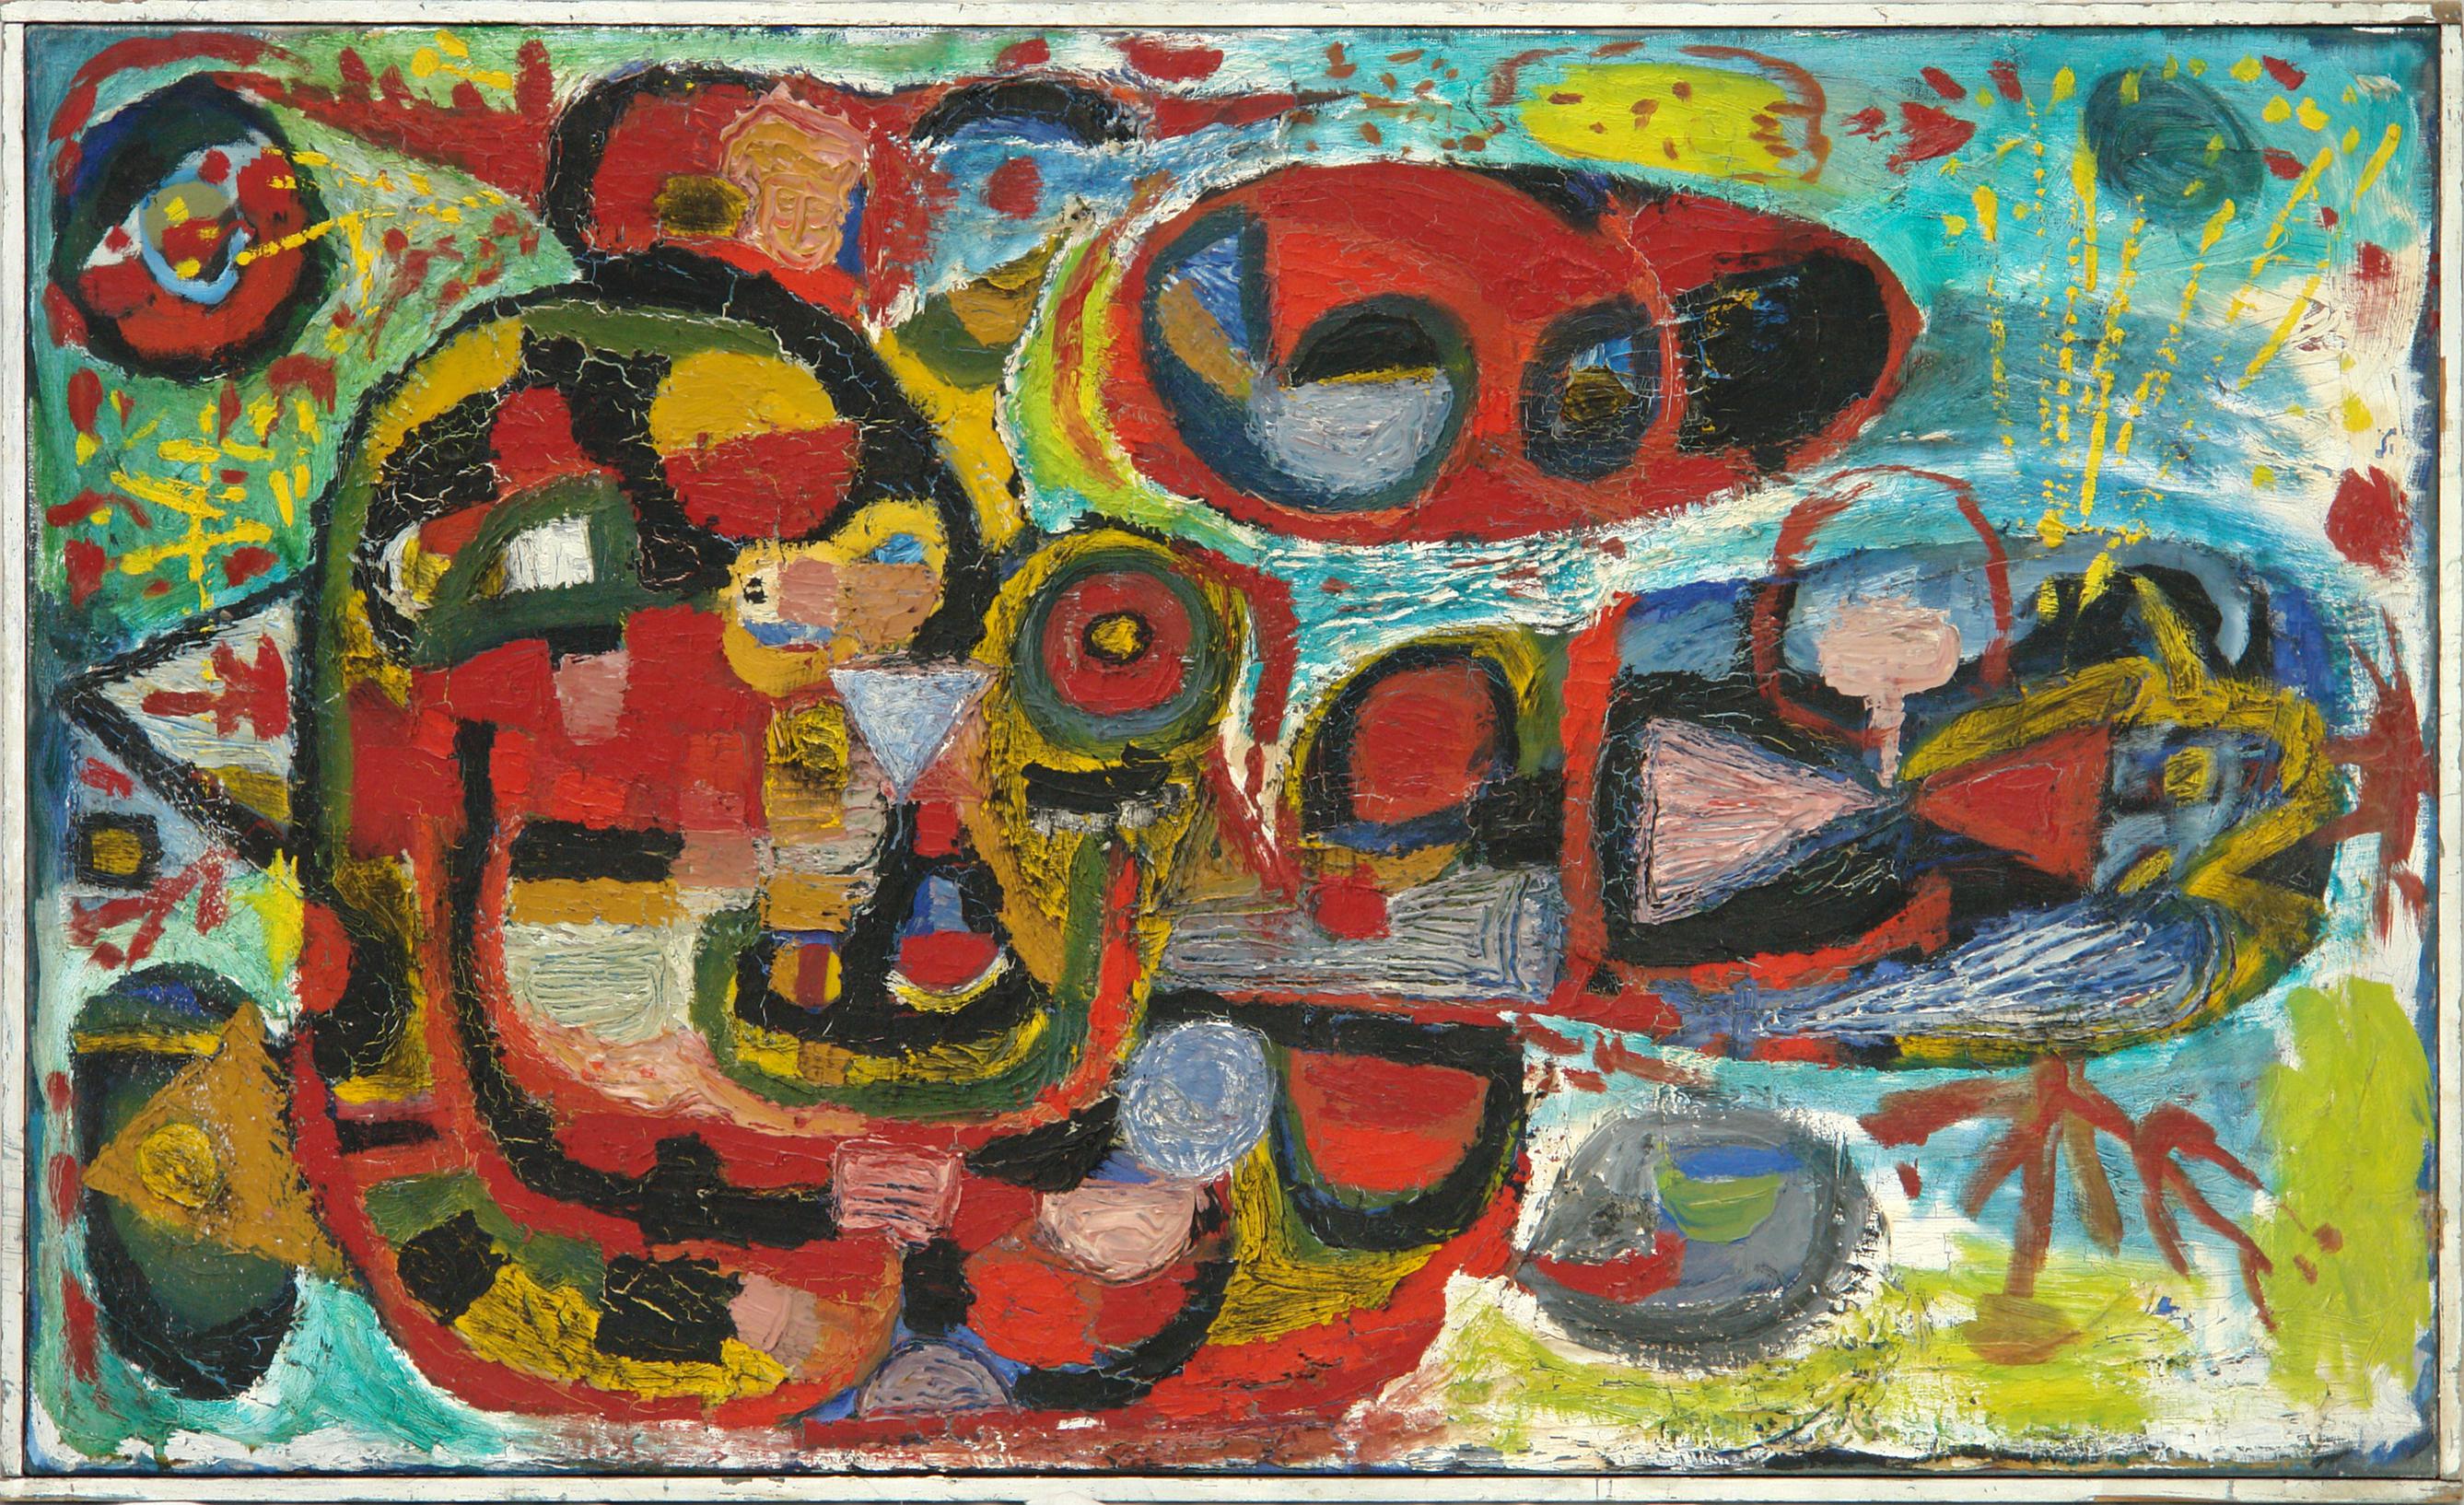 George Lampe - Diepzeeachtig Schilderij (Deapsea-ish Painting) - GL74